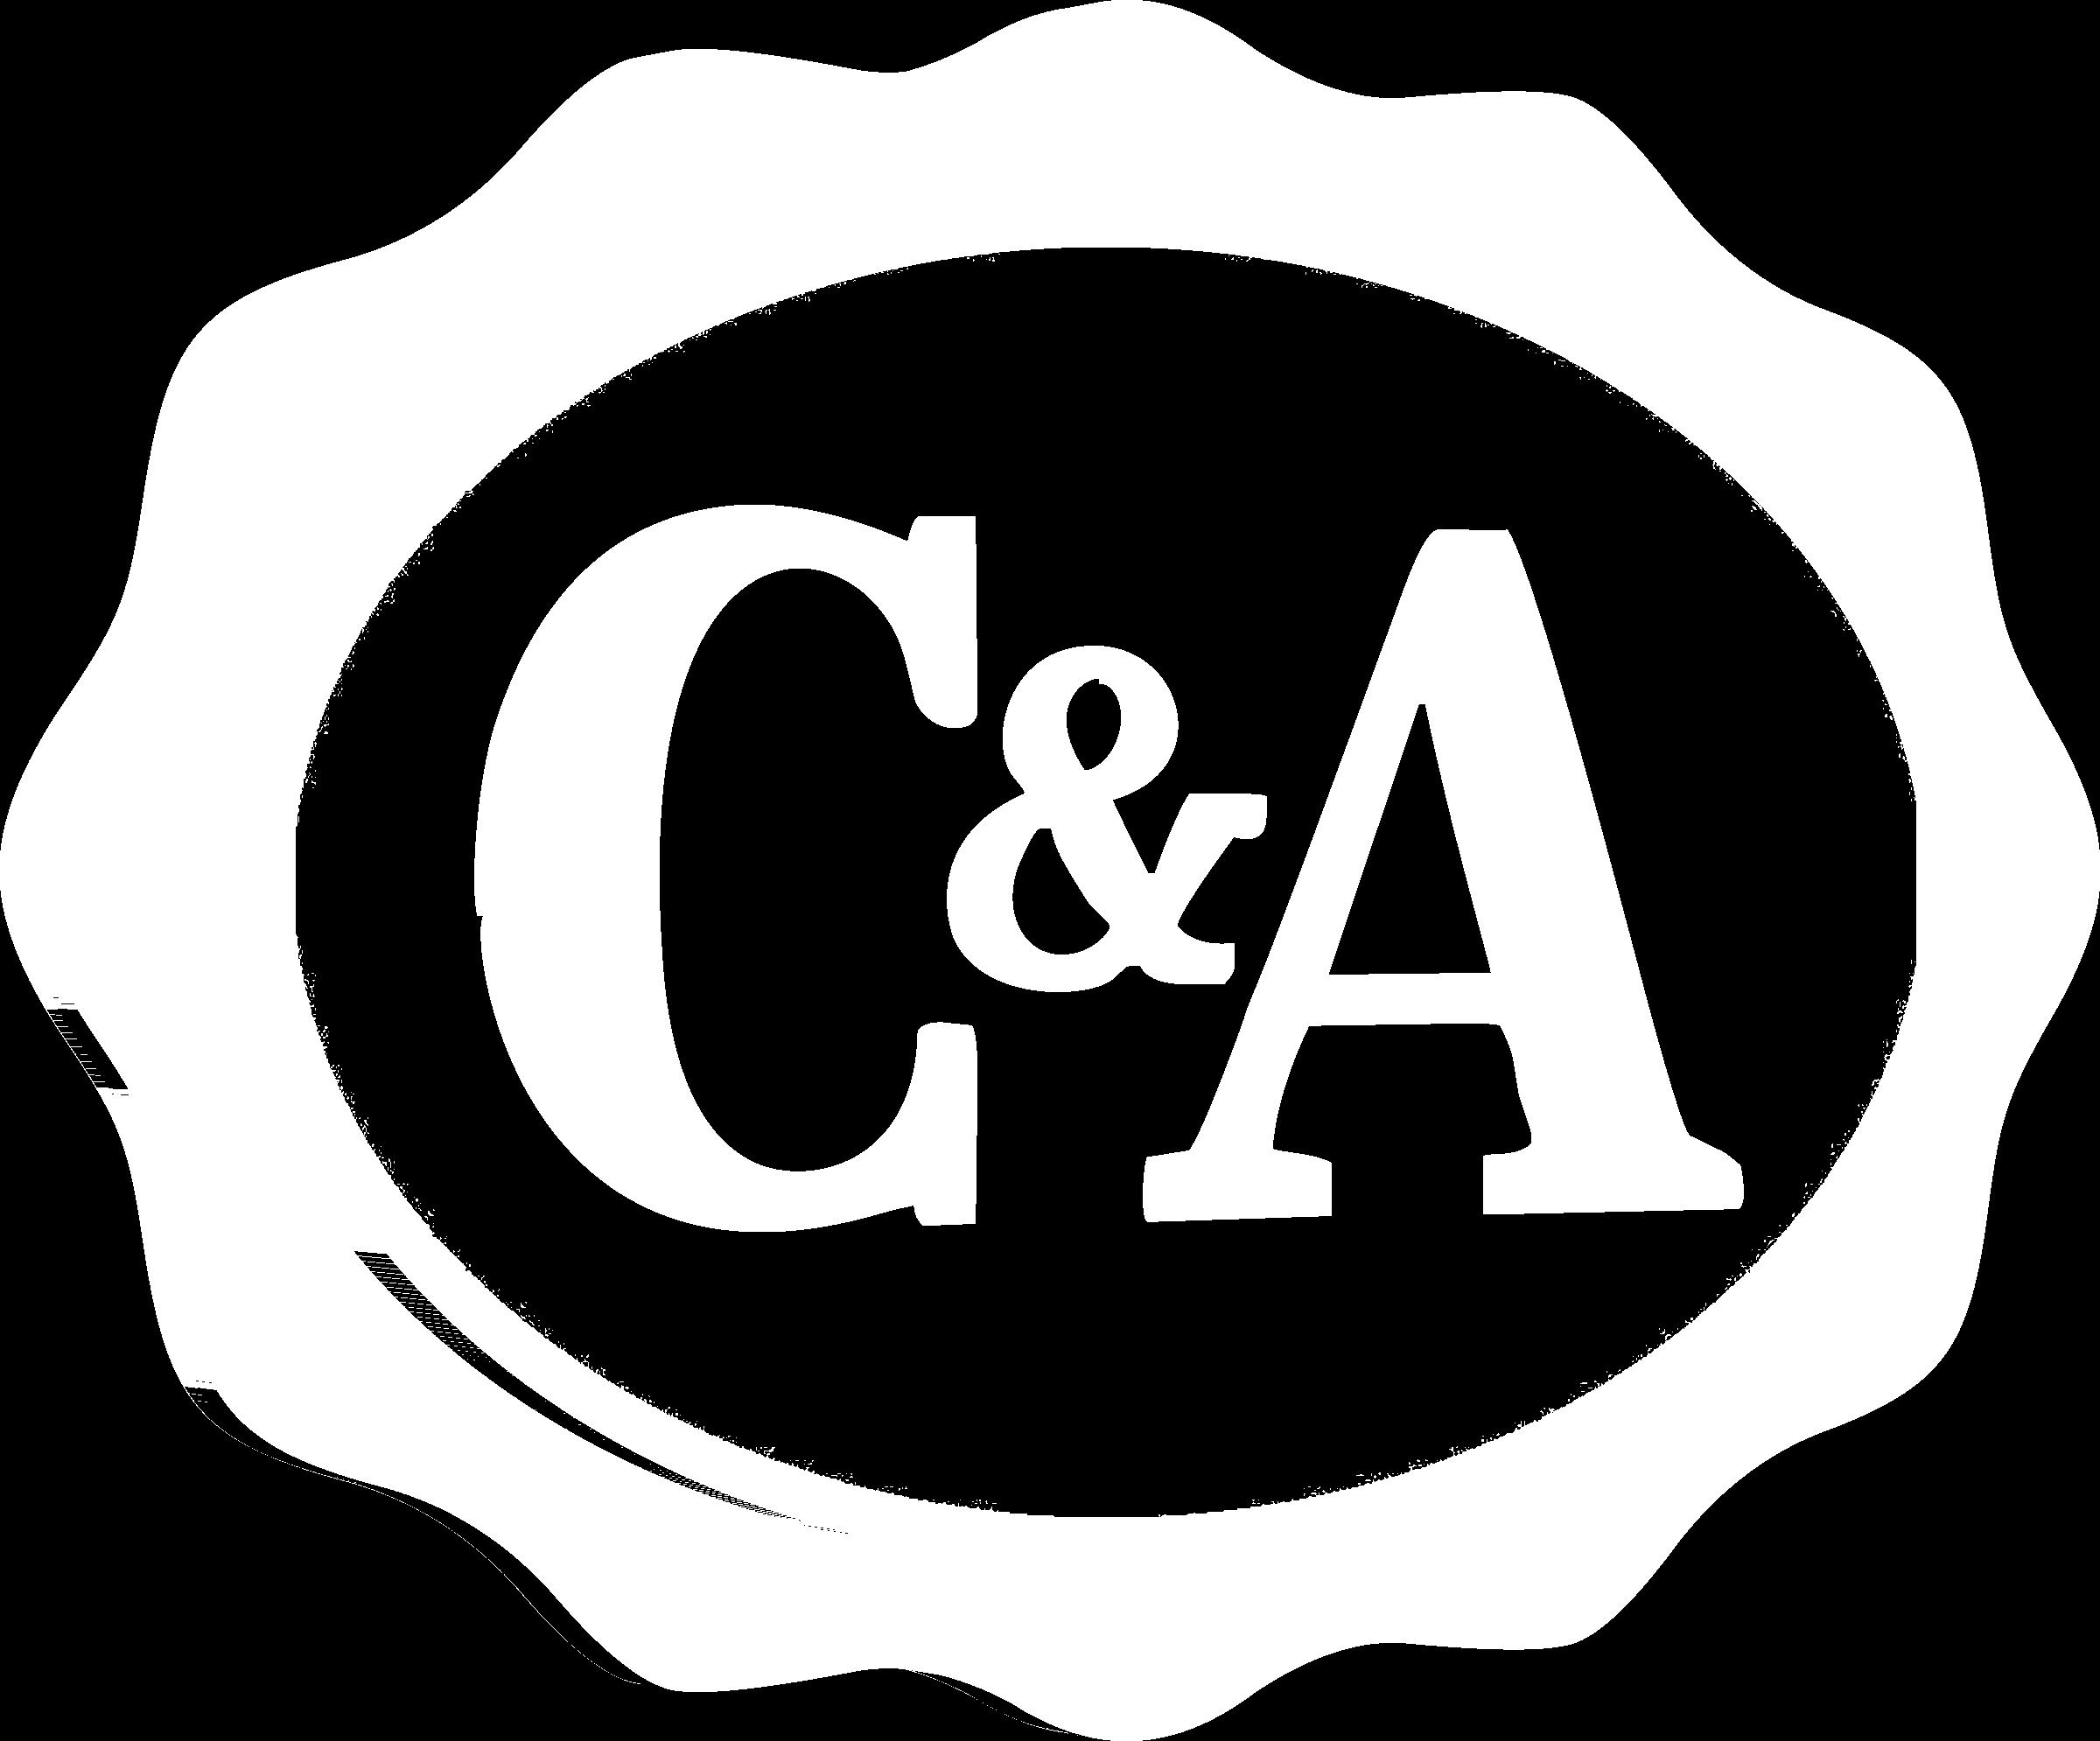 C&A Logo PNG Transparent & SVG Vector.